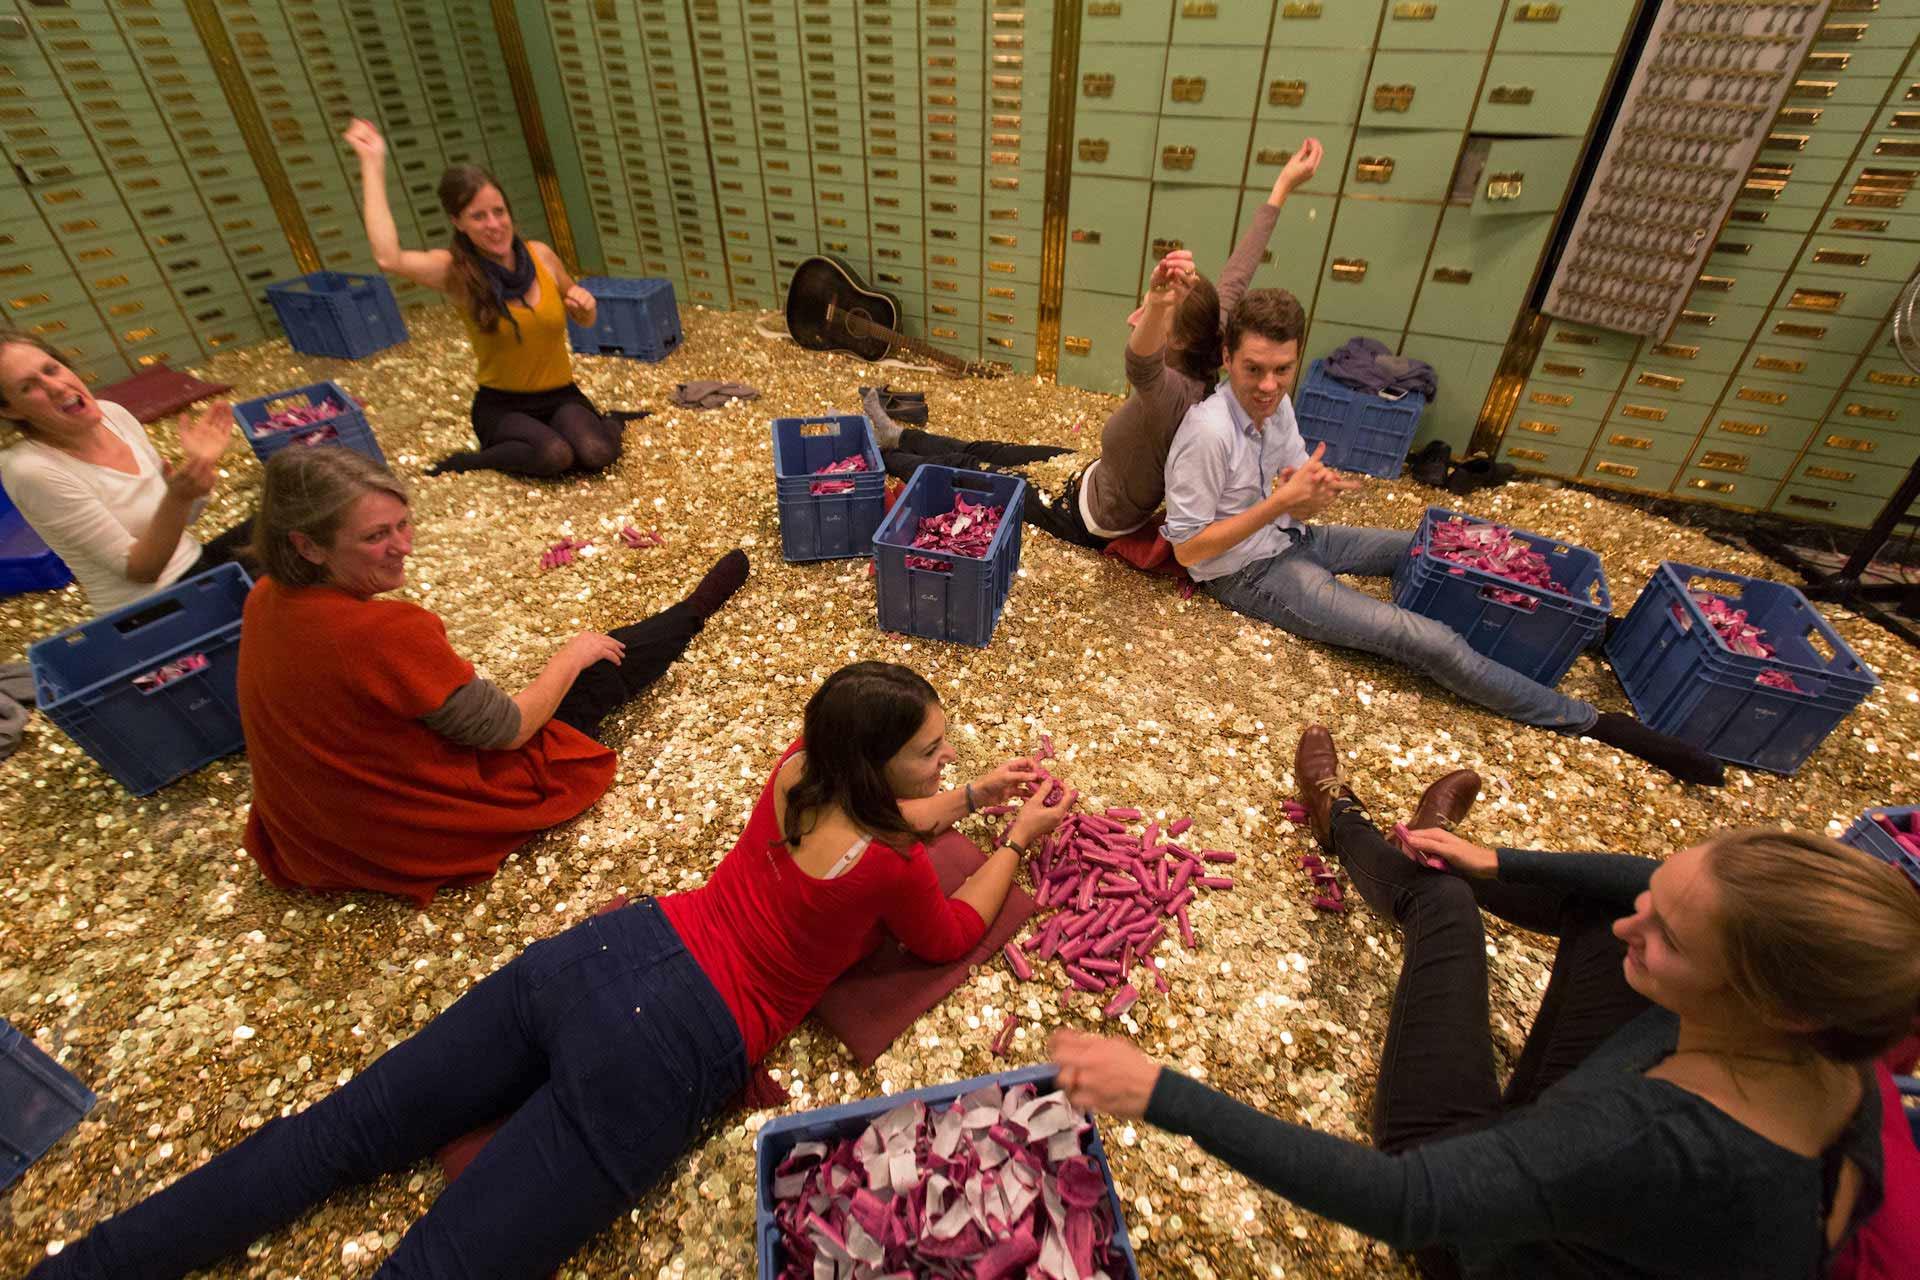 Fleissige Unterstützer der Volksinitiative schälen im Safe des 'unternehmen mitte' in der Stadtmitte von Basel, viele Tage lang aus über 160.000 Geldrollen á 2,50 CHF, ca. 15 Tonnen Münzen